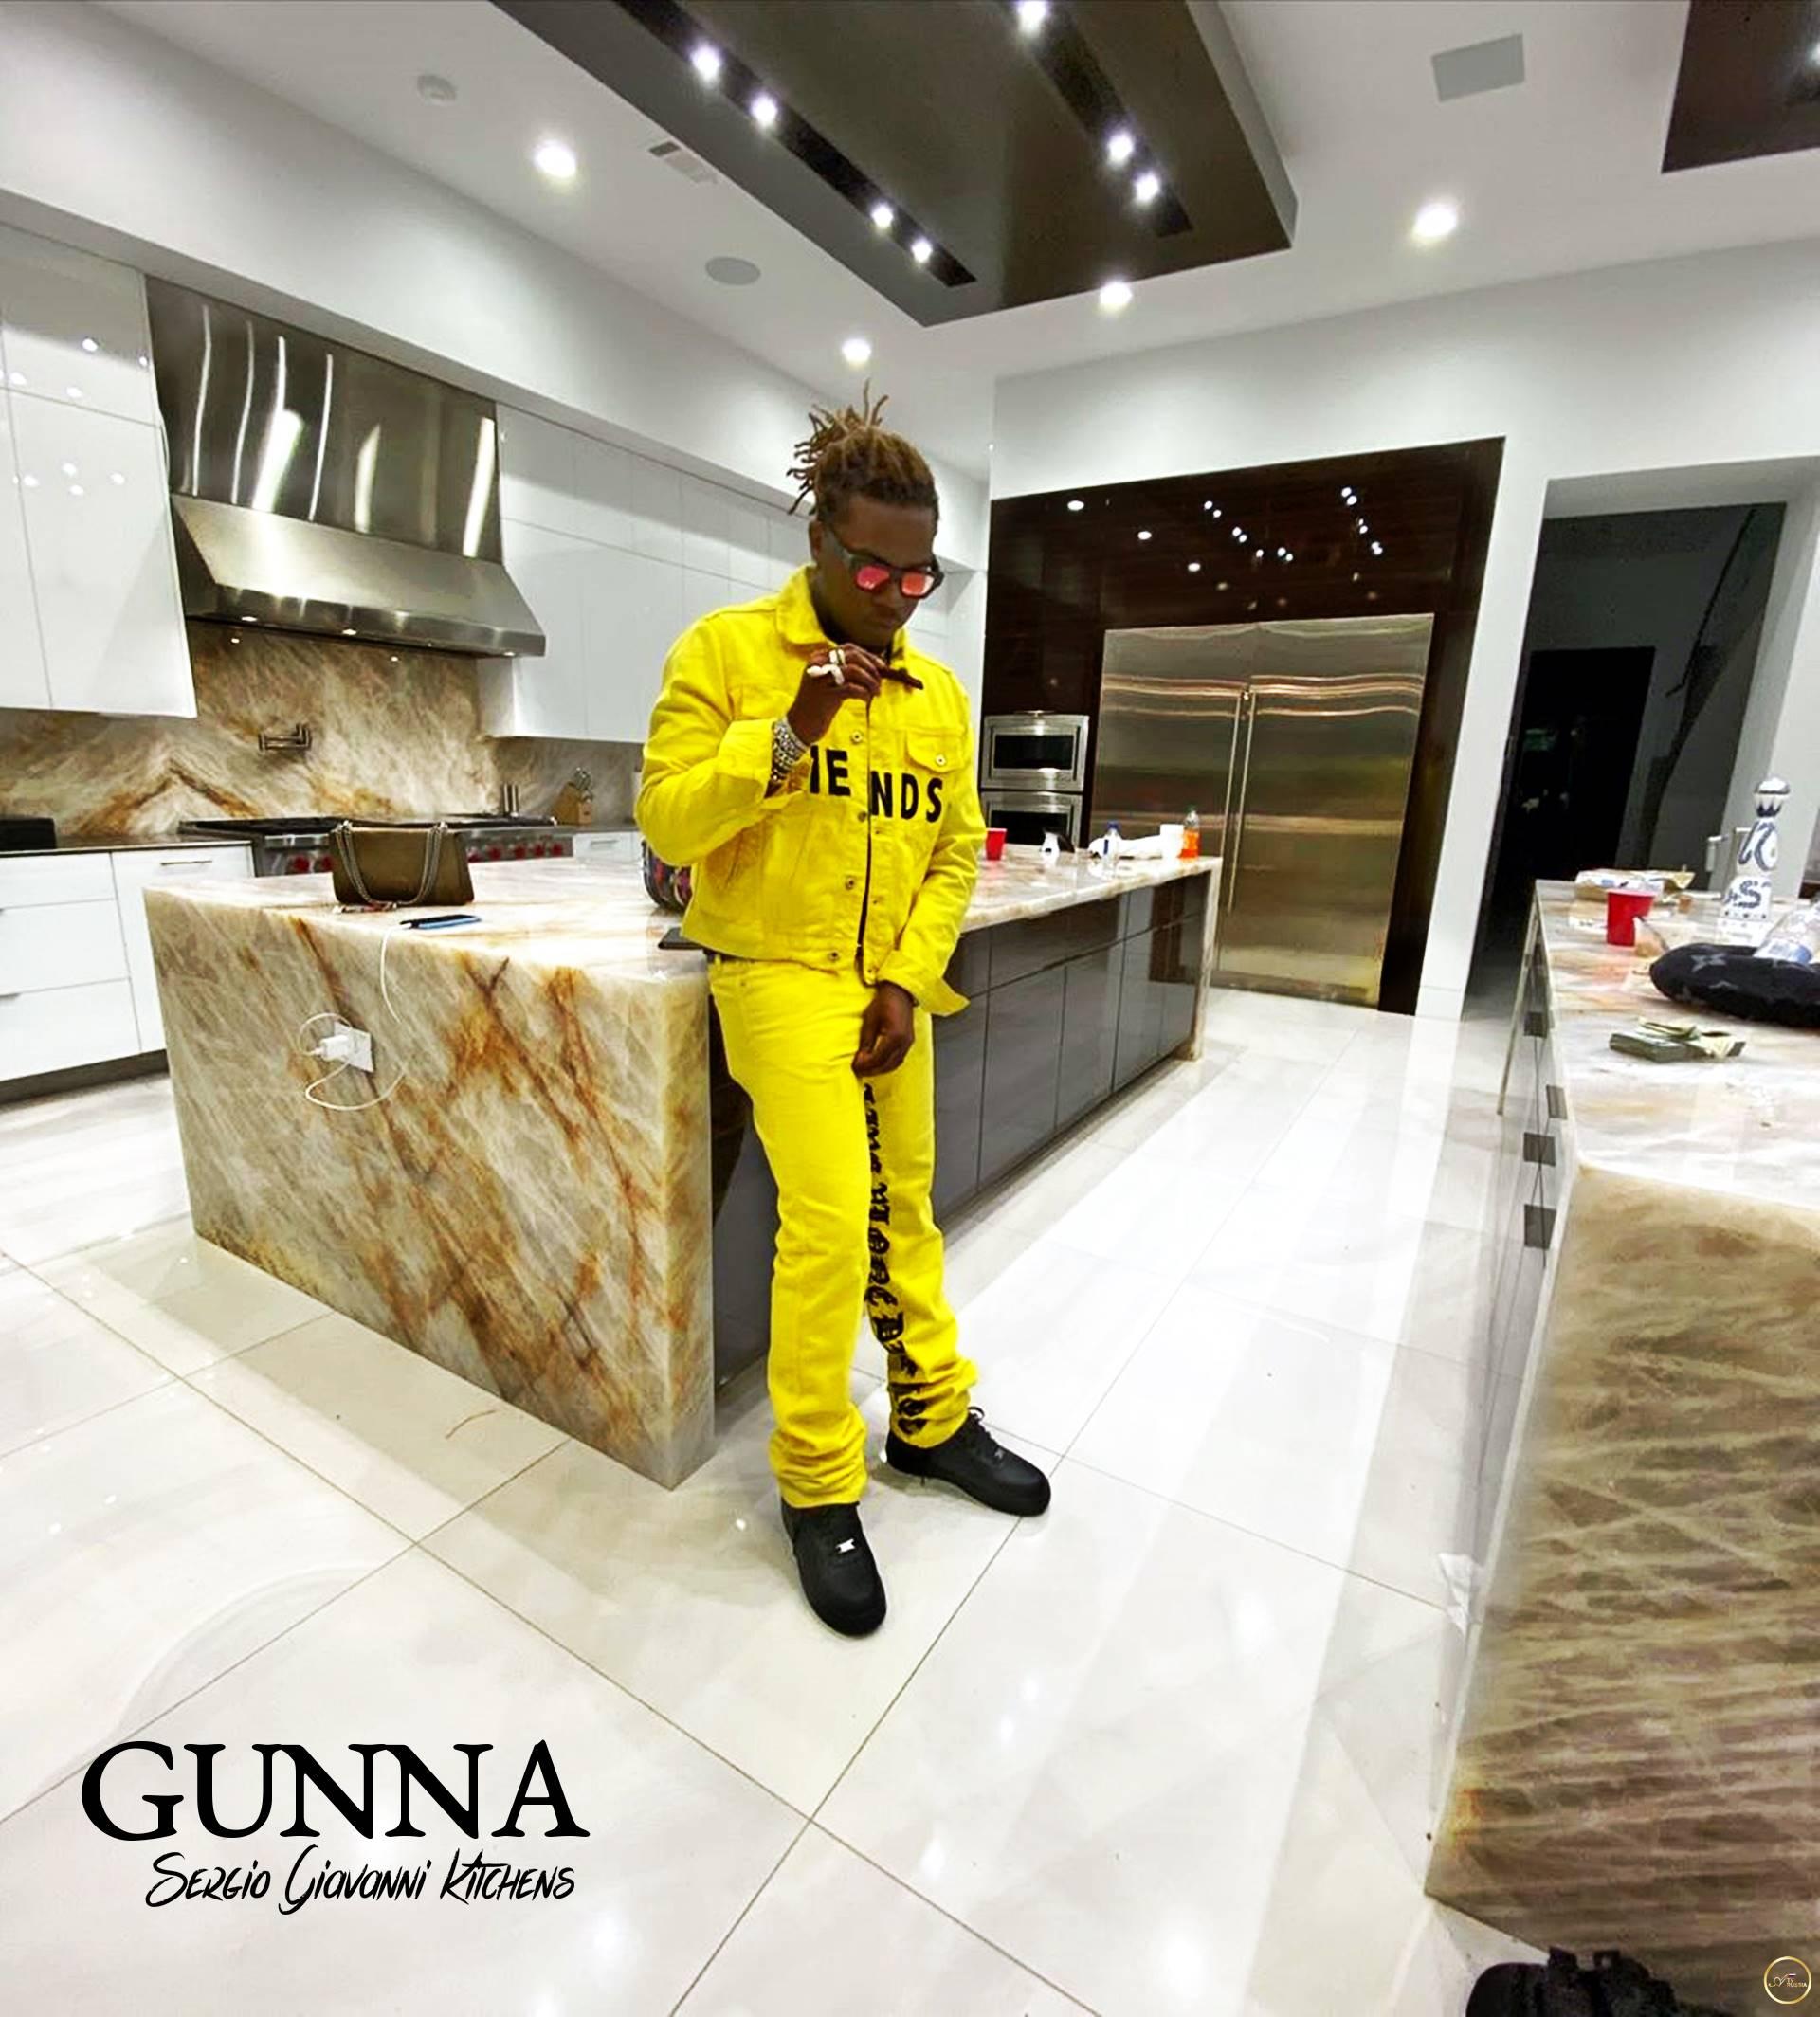 Gunna